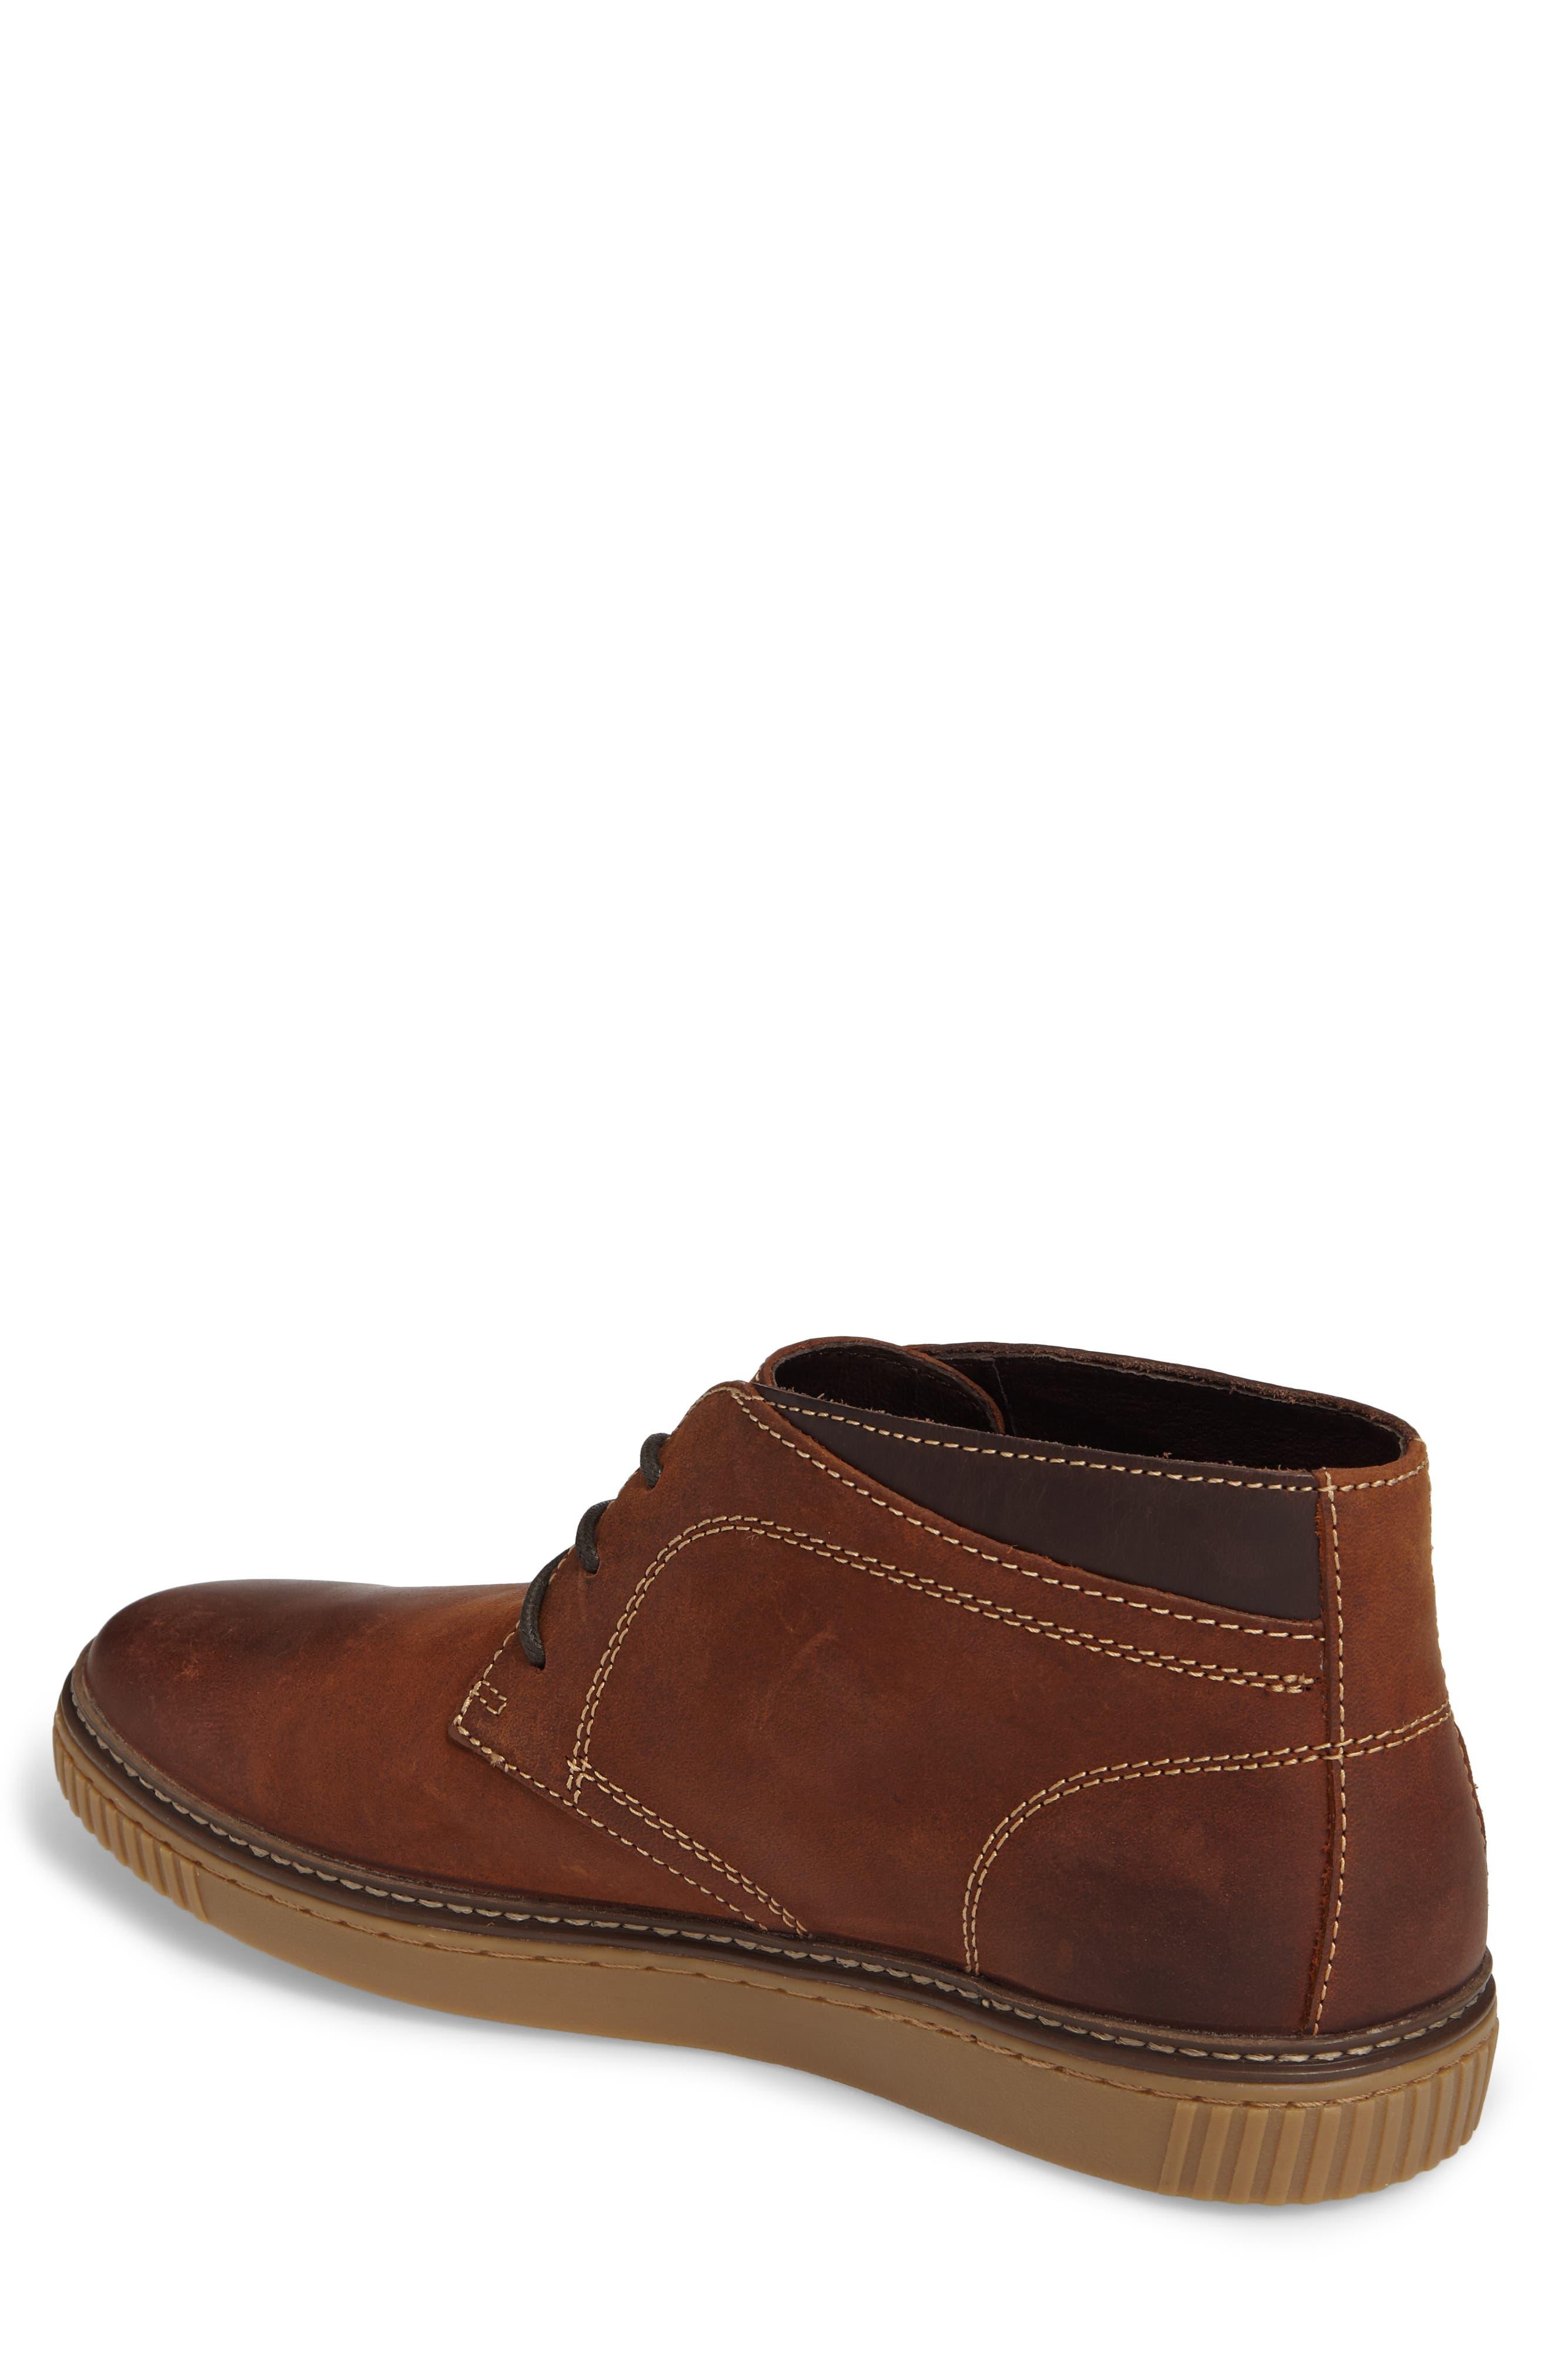 Alternate Image 2  - Johnston & Murphy 'Wallace' Chukka Boot (Men)